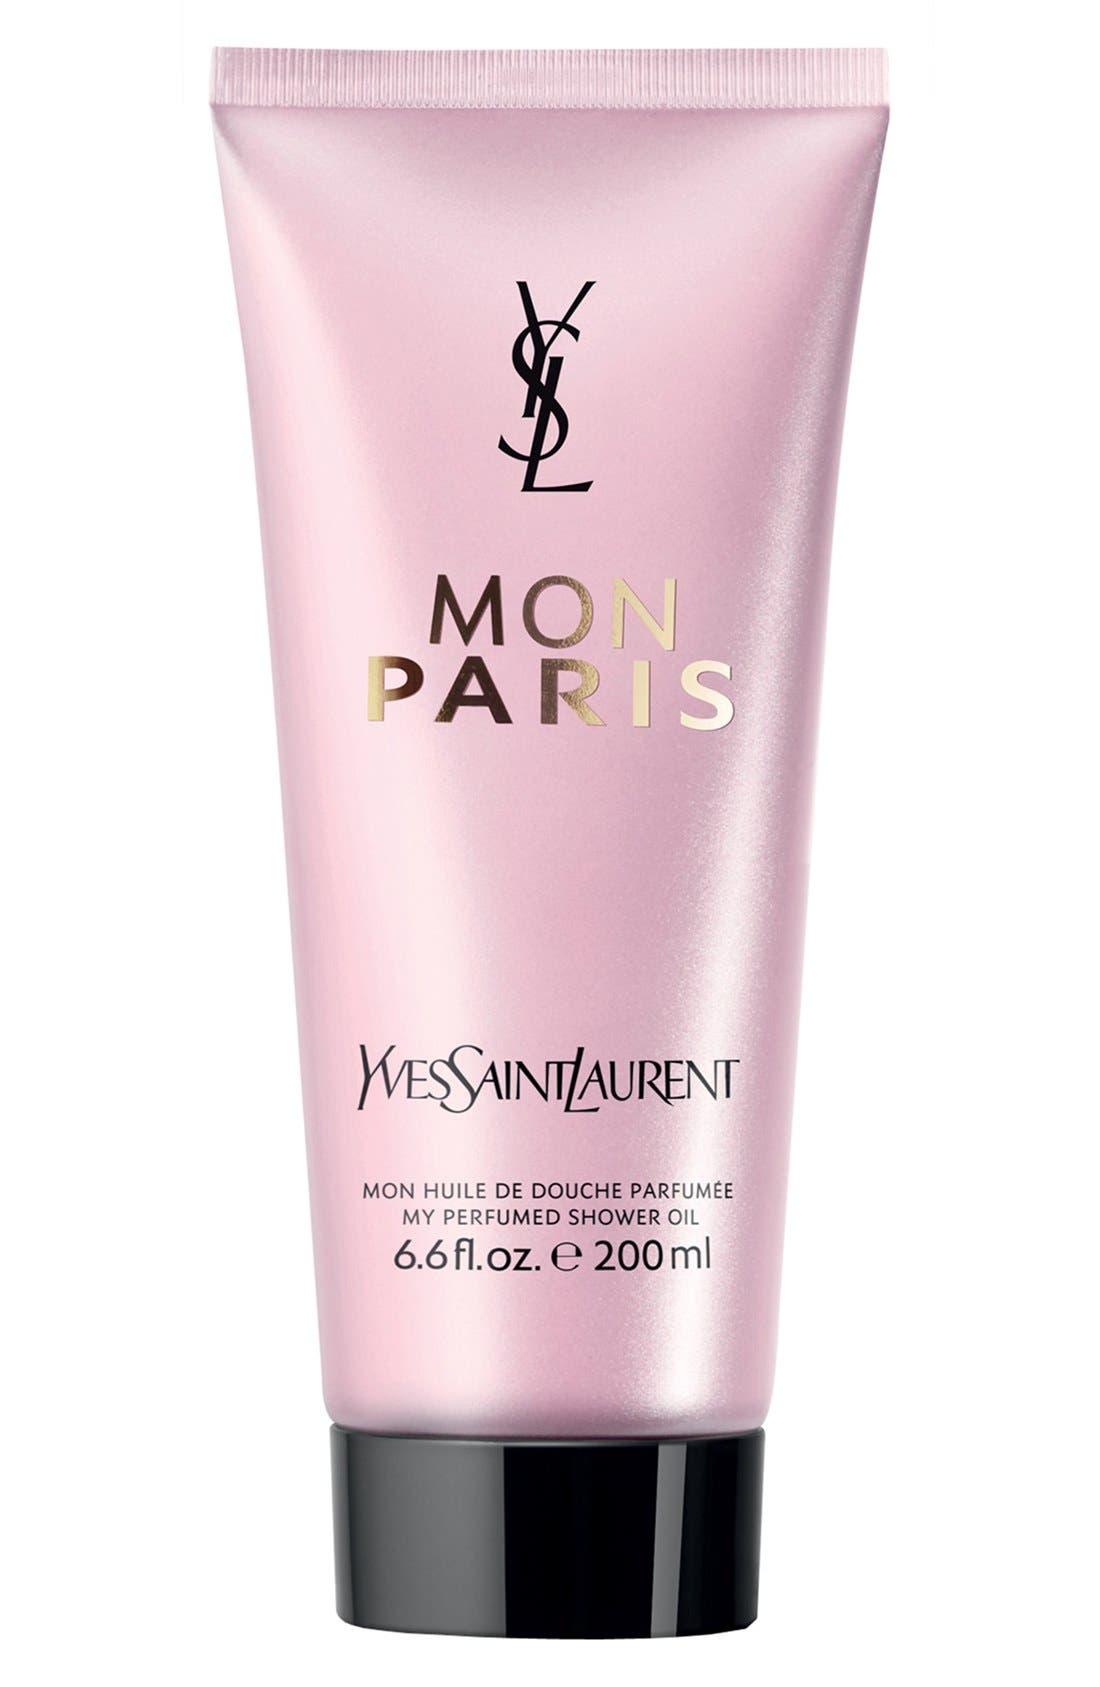 Yves Saint Laurent Mon Paris Shower Oil